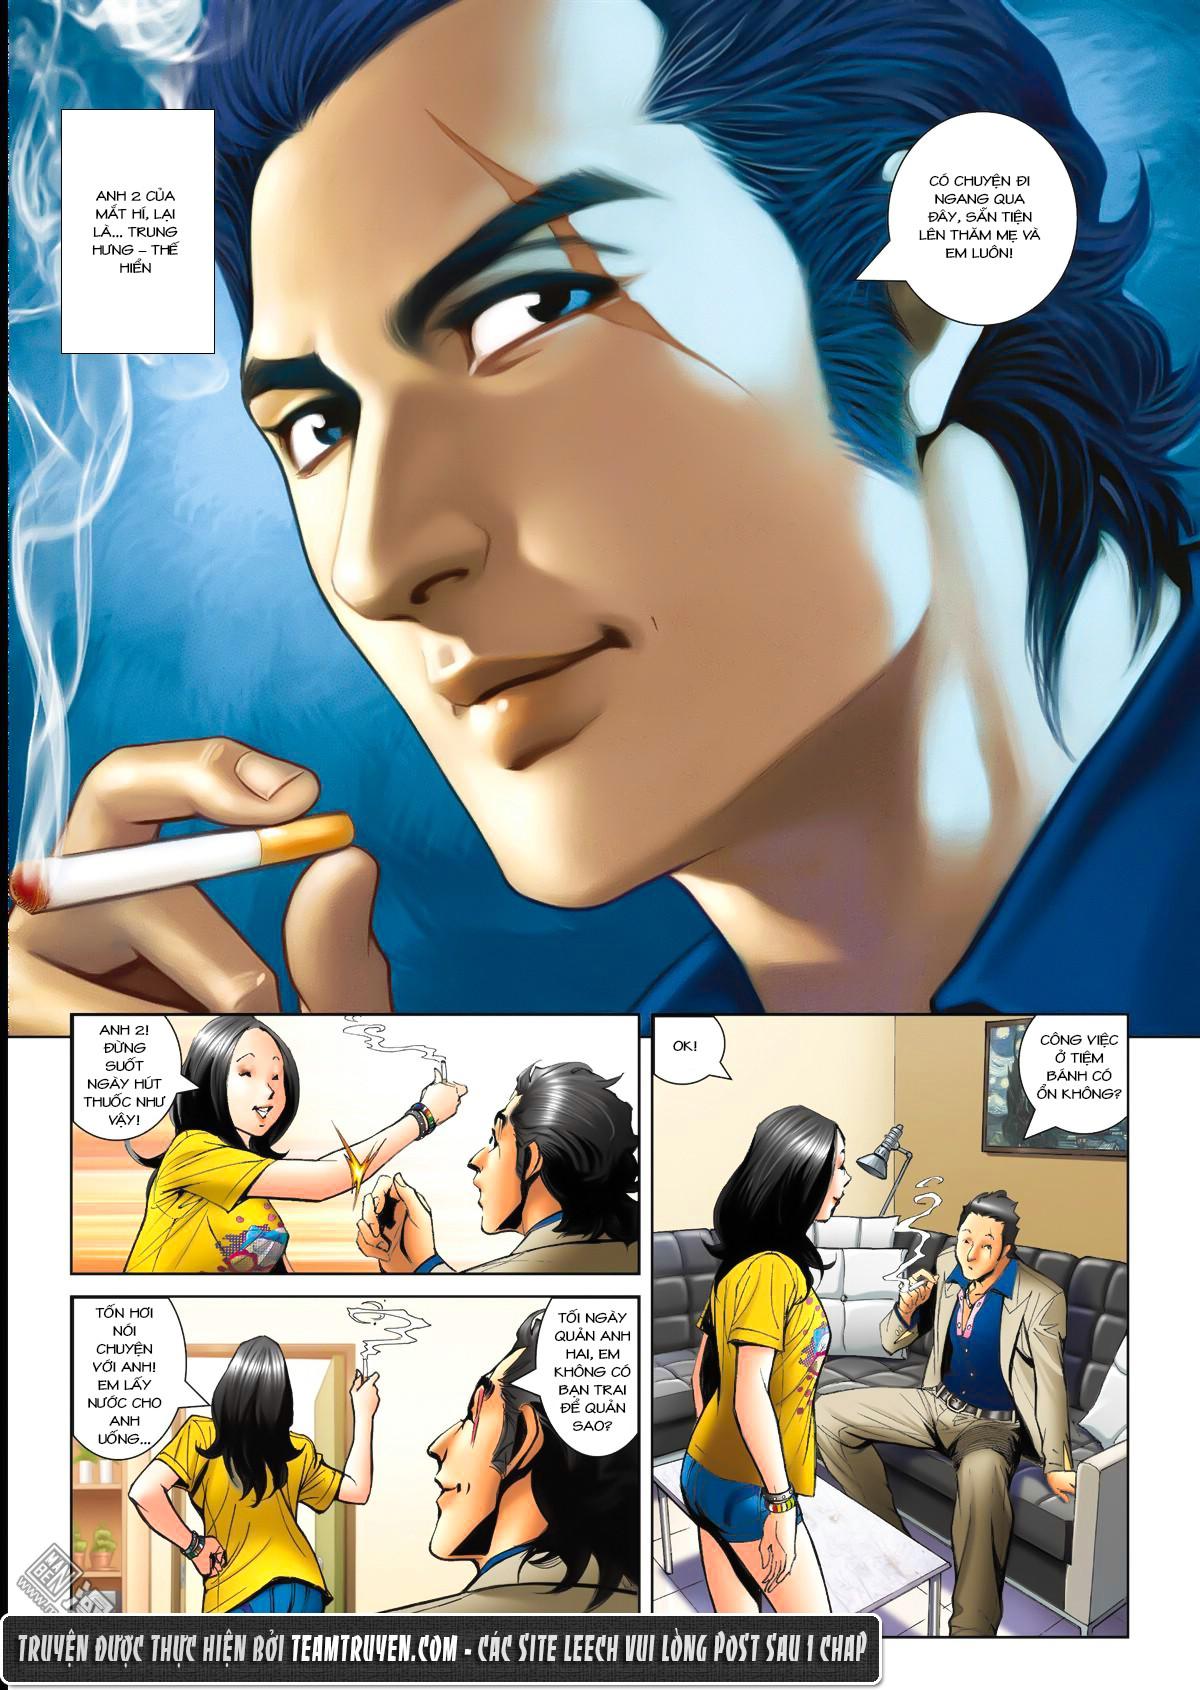 Người Trong Giang Hồ NetTruyen chap 1503 - Trang 12